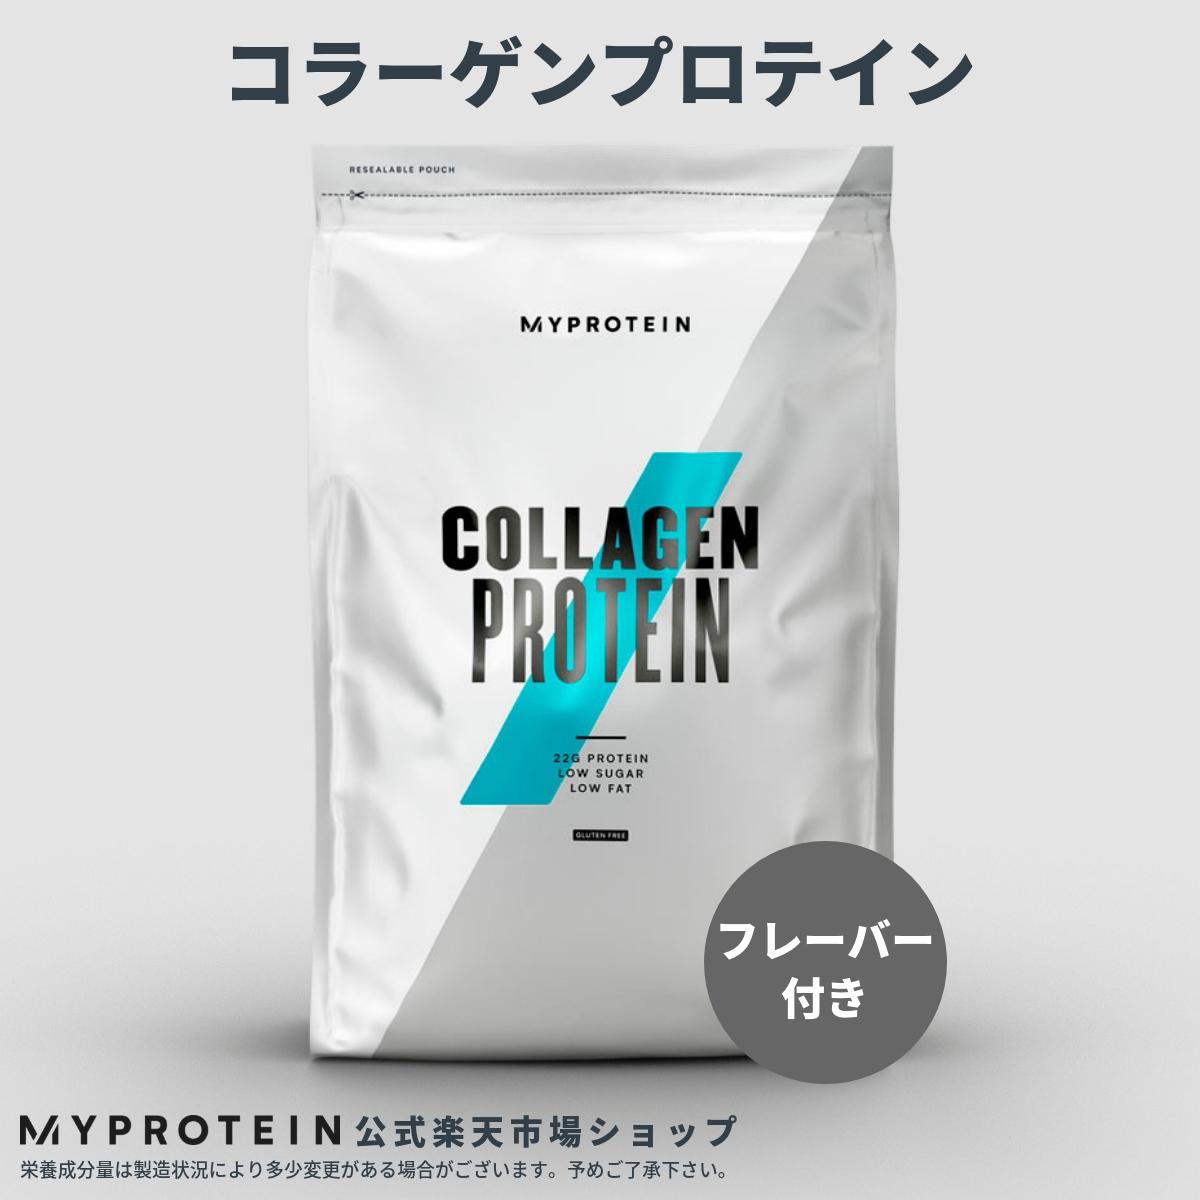 マイプロテイン 公式 【MyProtein】 コラーゲン プロテイン (フレーバー)1kg 約40食分| プロテイン ホエイ ダイエット 筋肉 バルクアップ ボディーメイク 美容プロテイン 美容 サプリメント サプリ